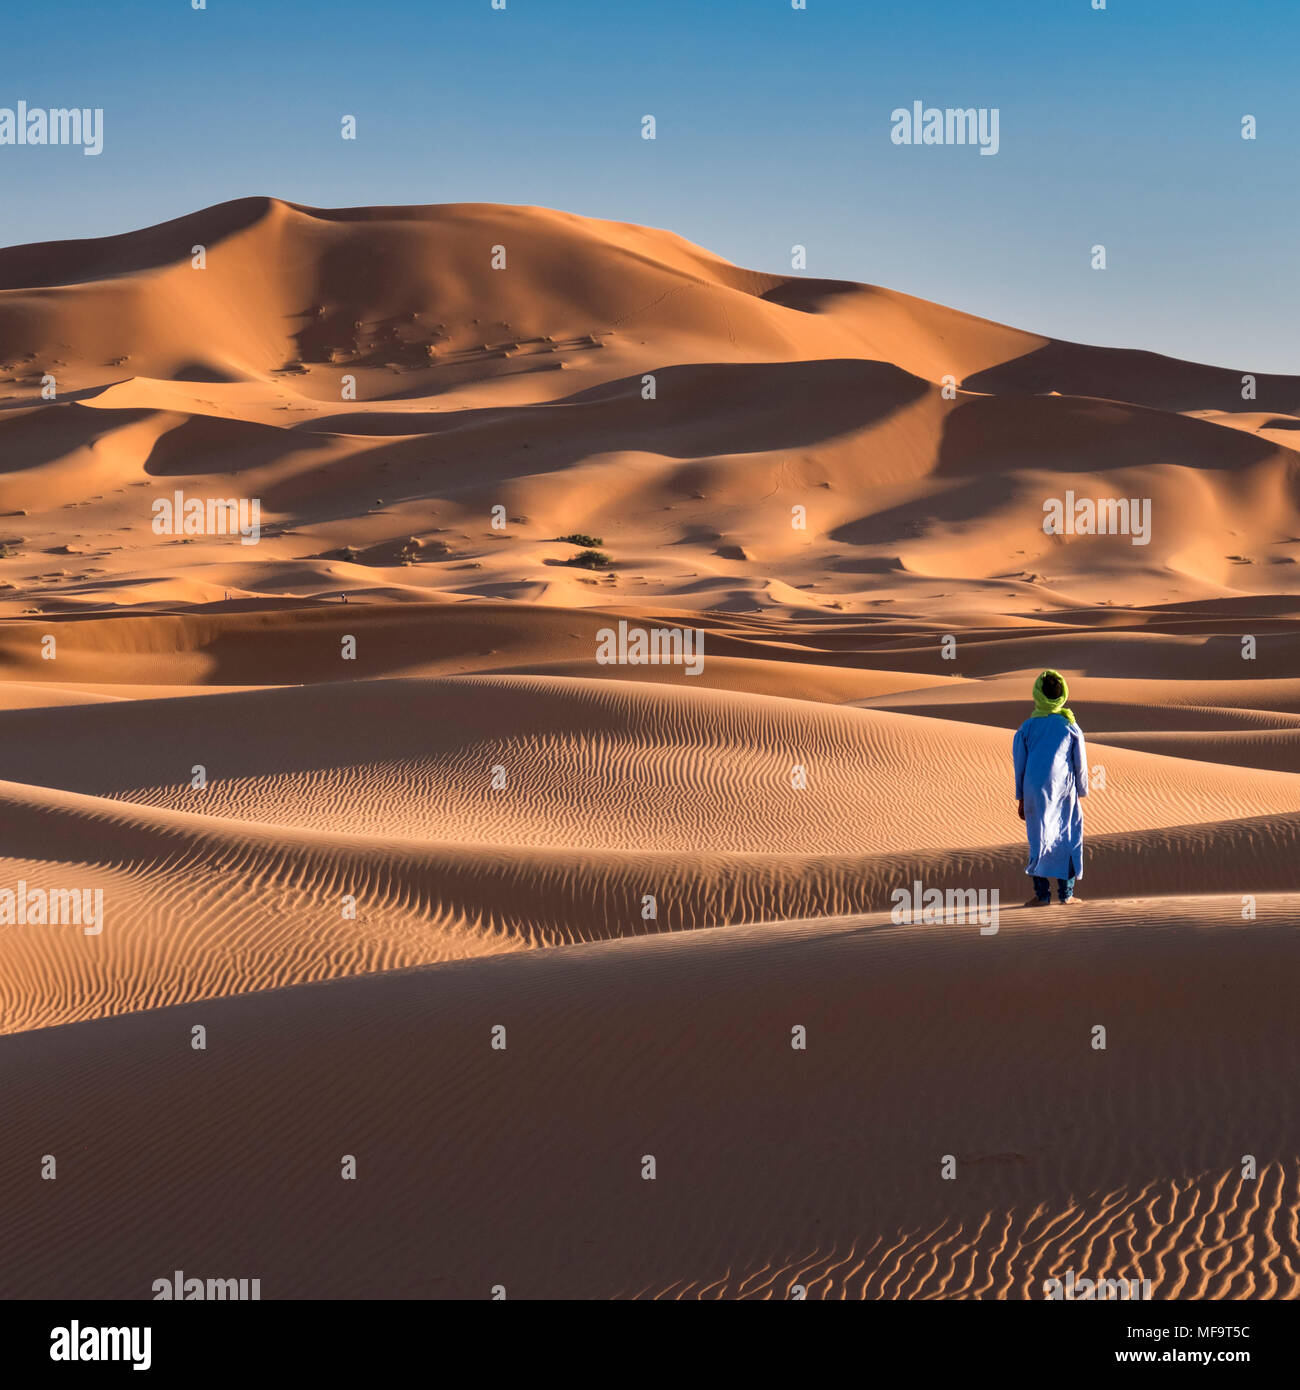 Un homme berbère se situe au bord du désert du Sahara, l'Erg Chebbi, près de Merzouga, Maroc PARUTION MODÈLE Photo Stock